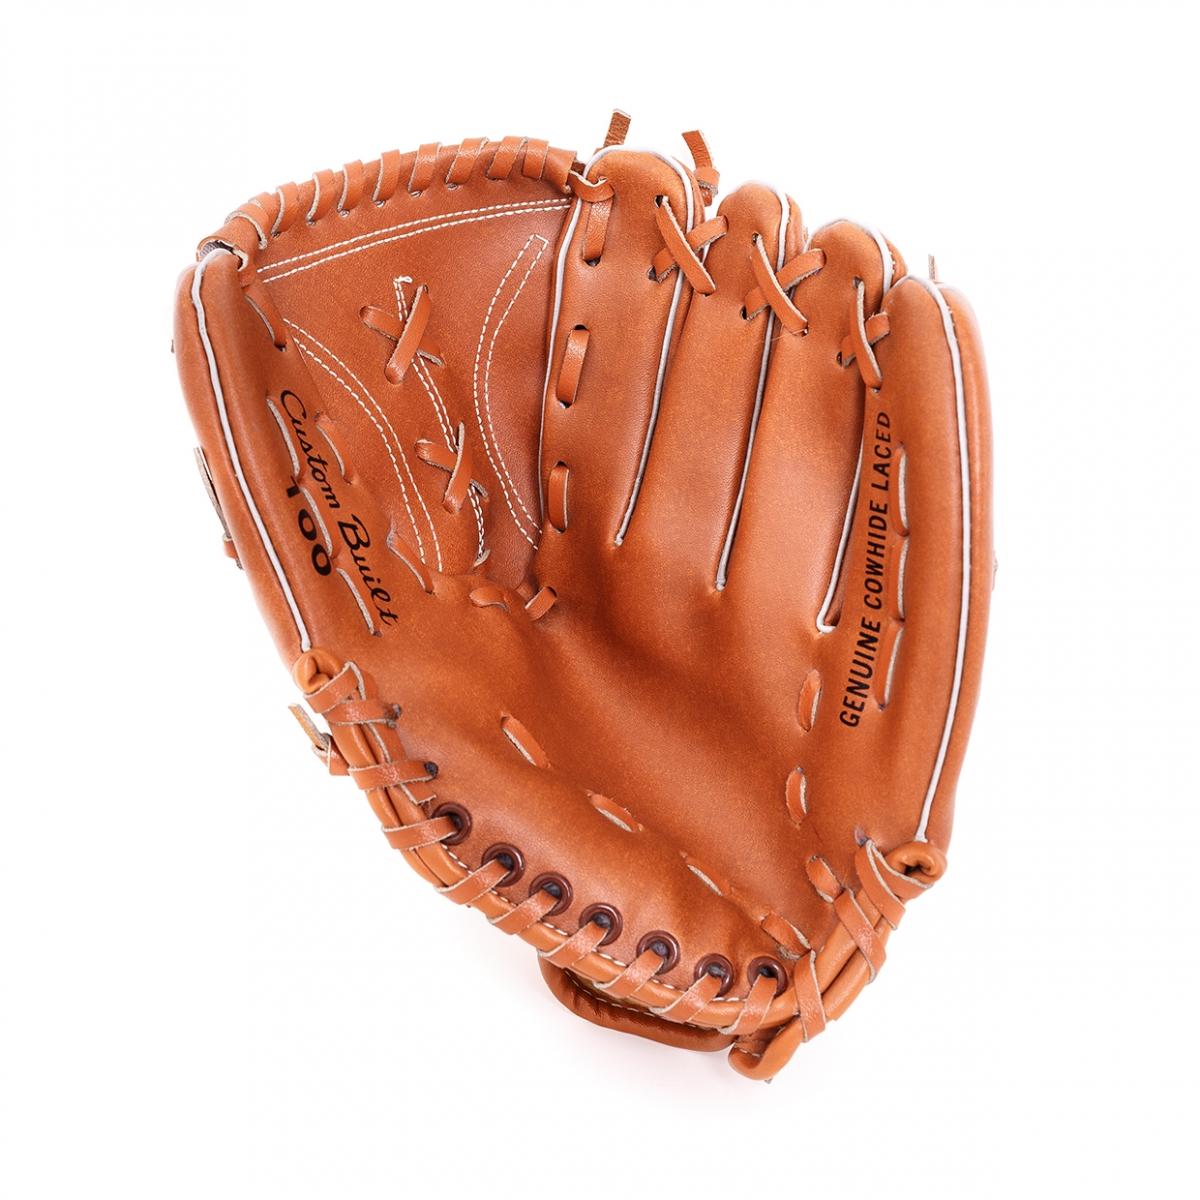 Imagen en la que se ve un guante de béisbol